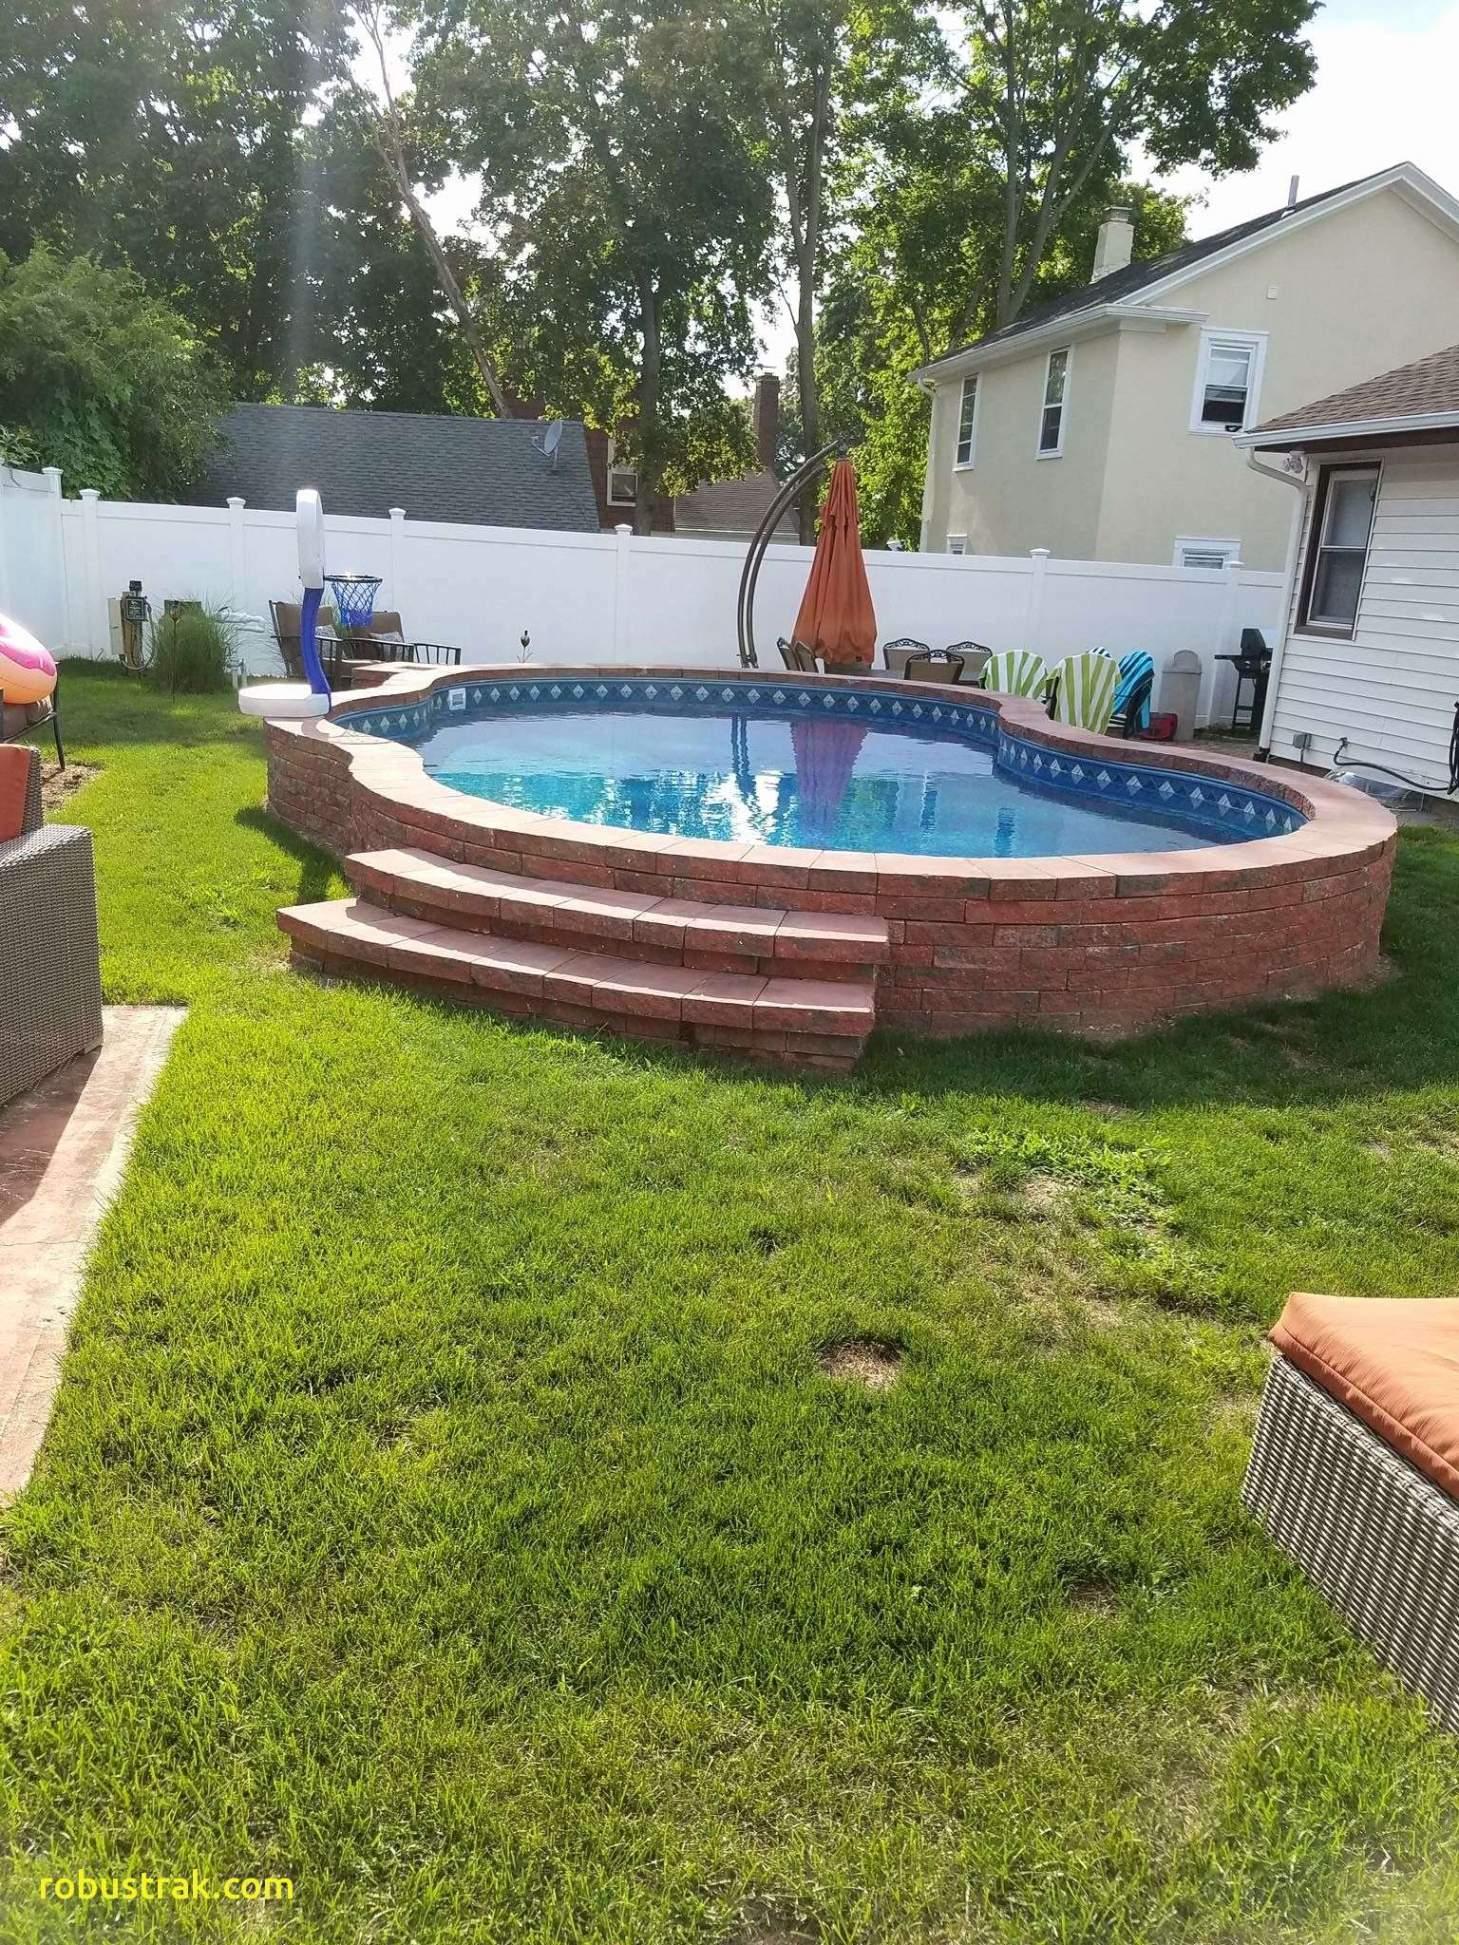 Full Size of Gartengestaltung Pool Beispiele Garten Aufblasbar Eckig Mit Pinterest Test Rund 3m Oder Einbau Klein Kaufen Schwimmingpool Für Den Zaun Schaukel Spaten Wohnzimmer Pool Garten